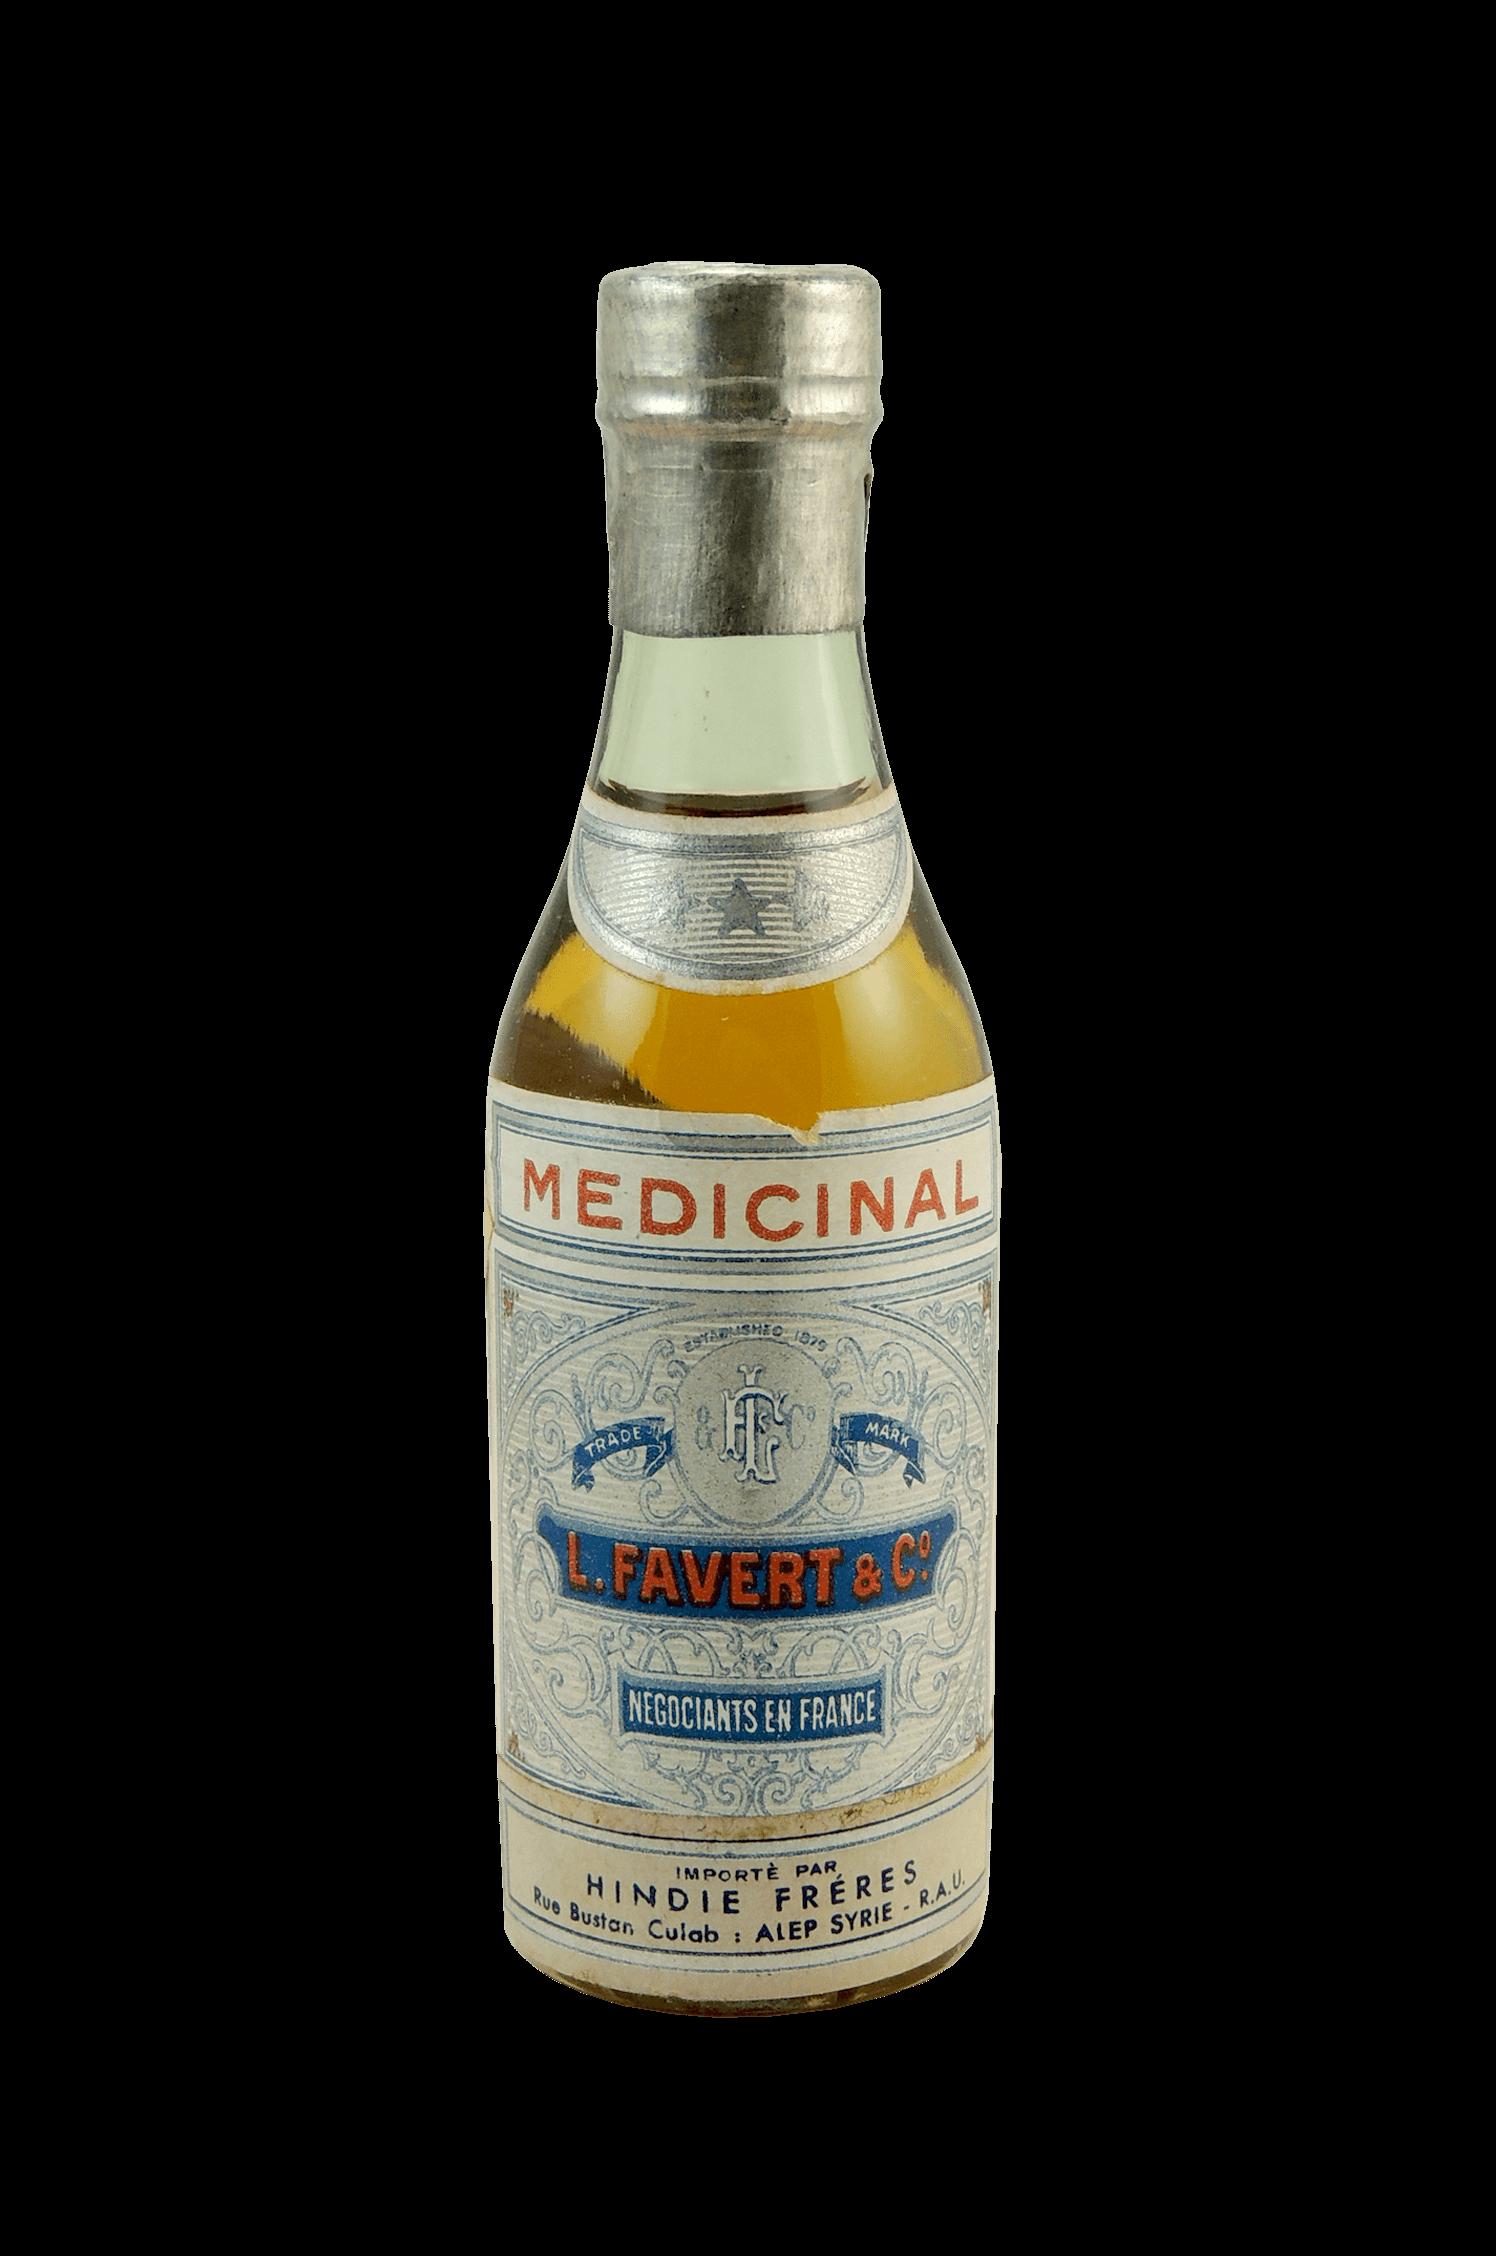 Medicinal L. Favert